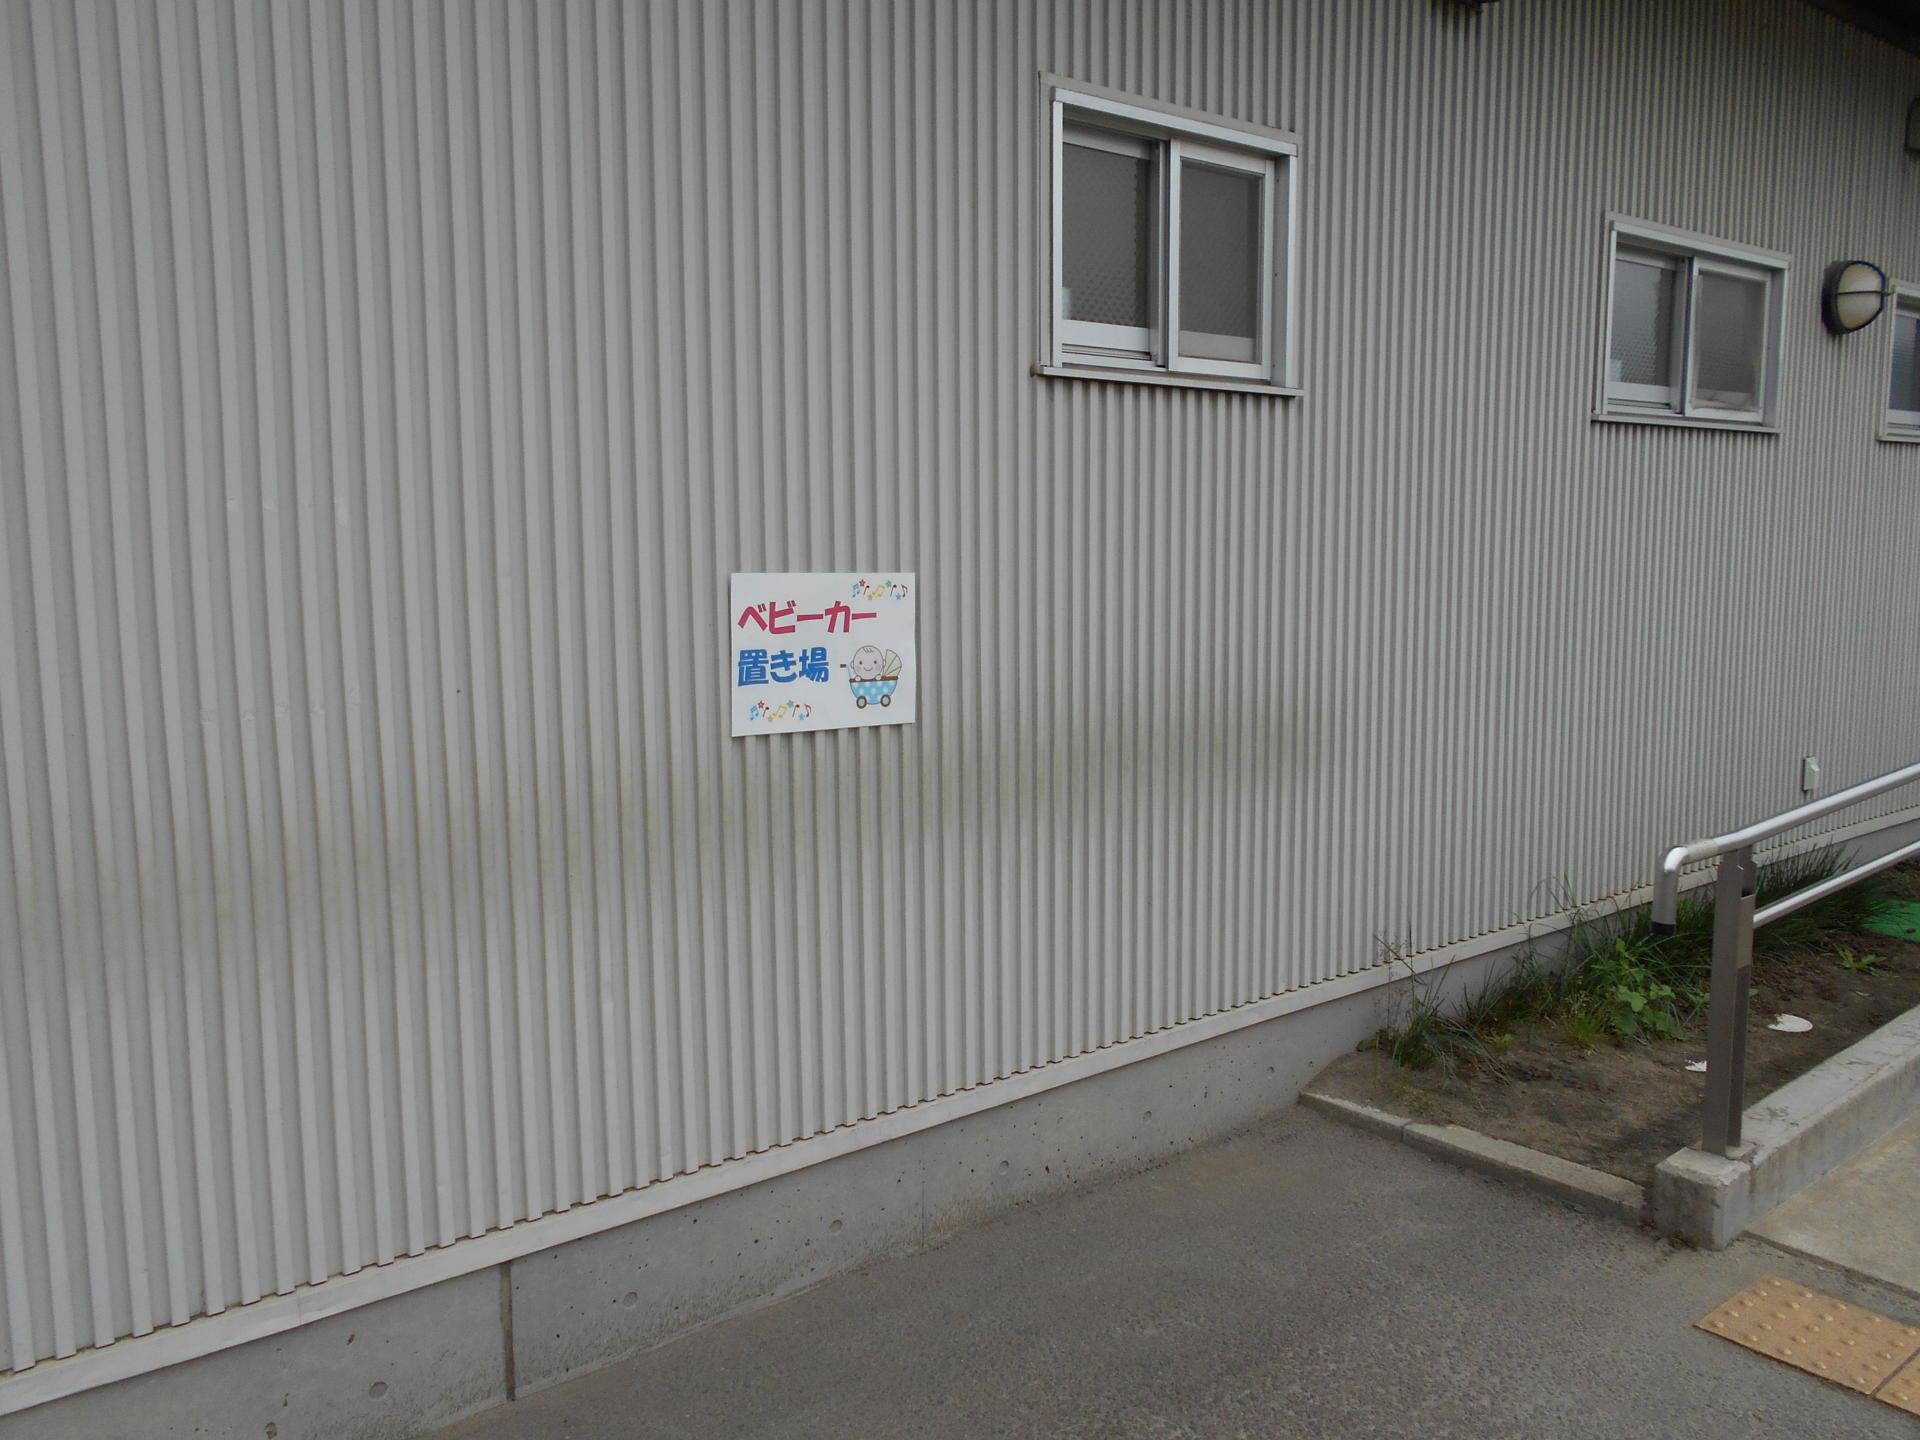 komatsushima_p1920_175